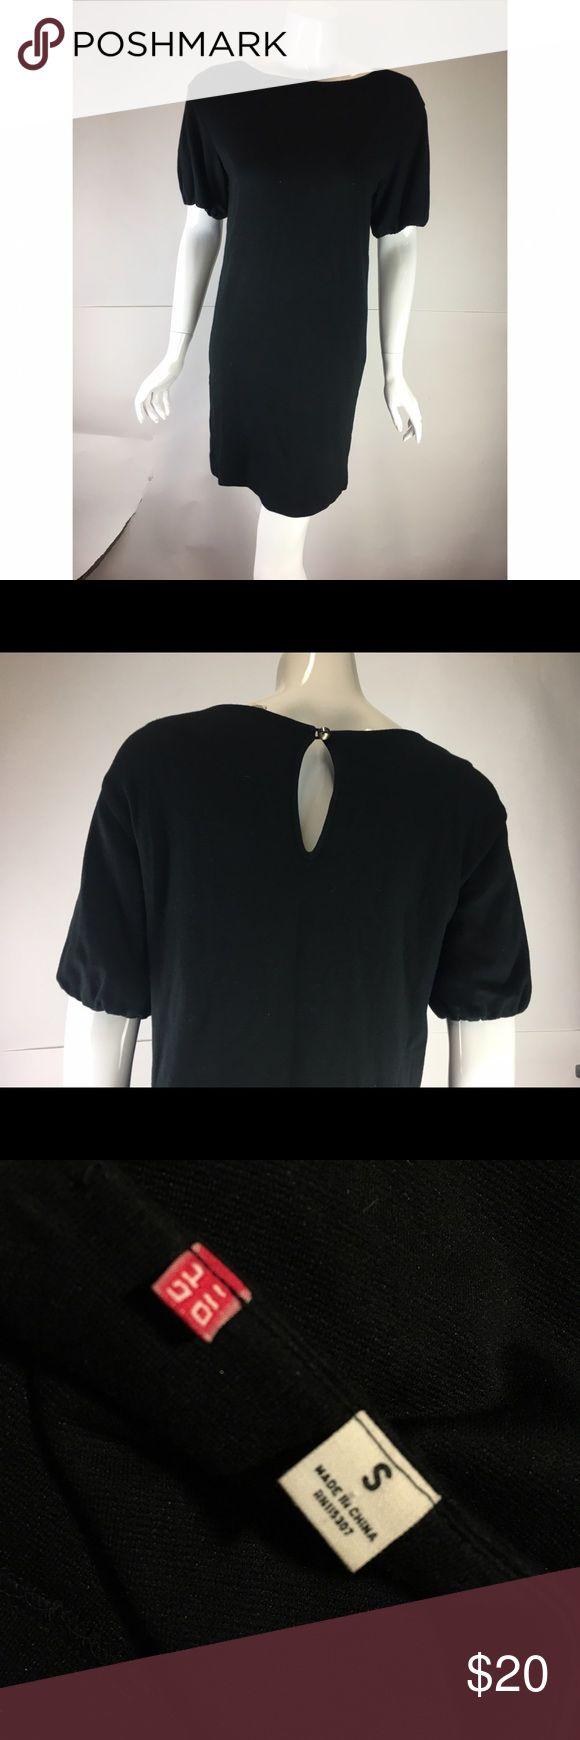 Robe noire uniqlo